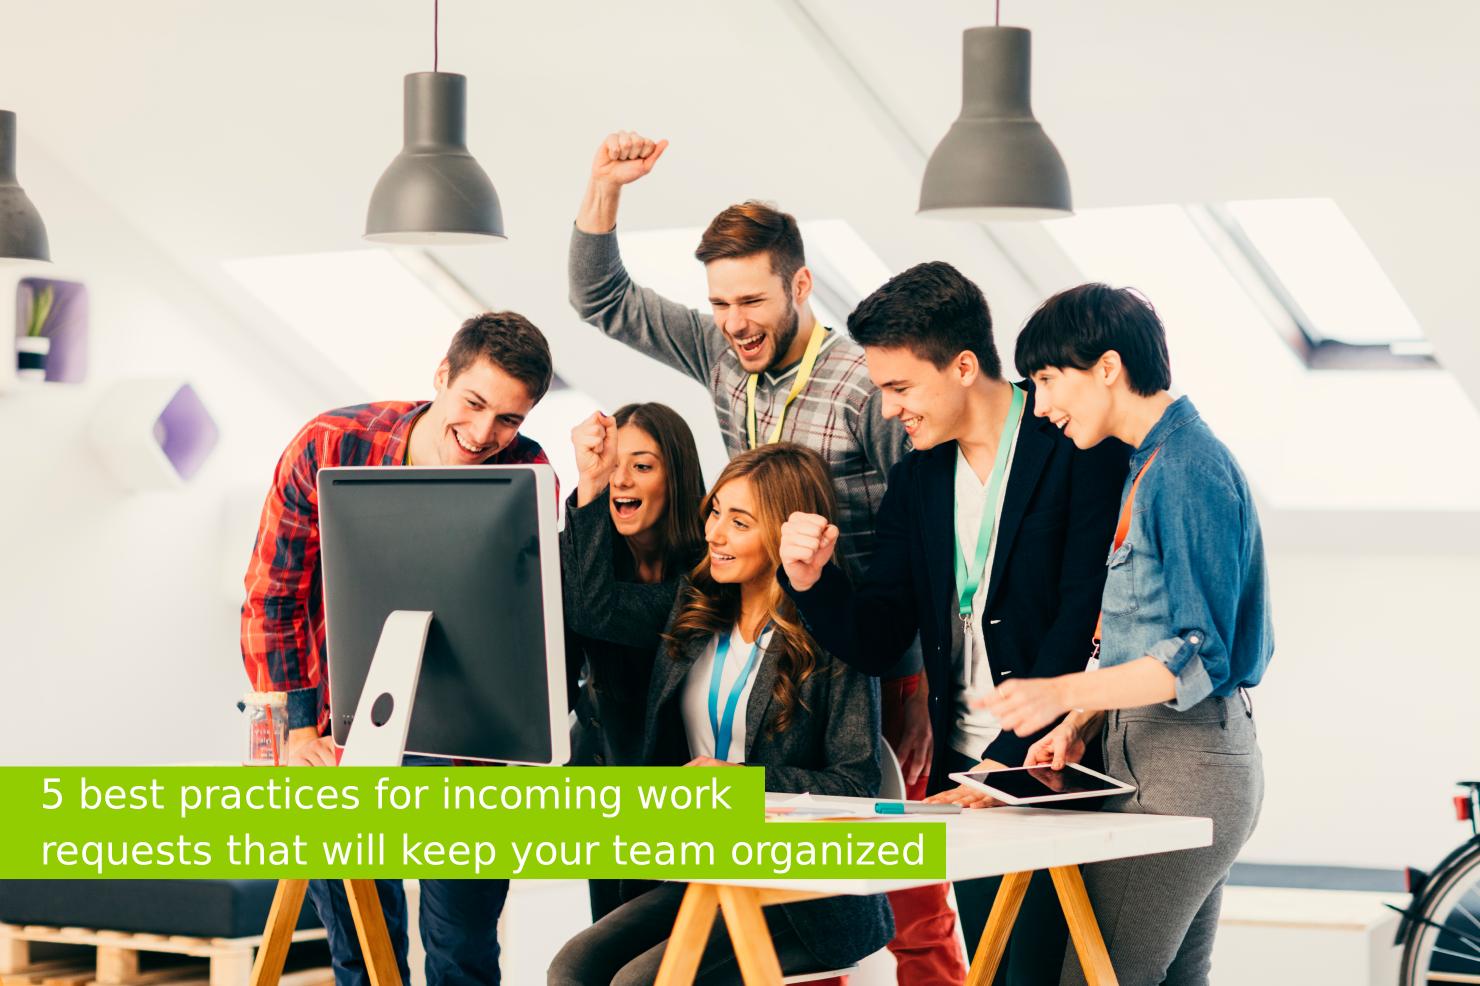 5 bonnes pratiques pour gérer les demandes de travail entrantes et garder une équipe organisée